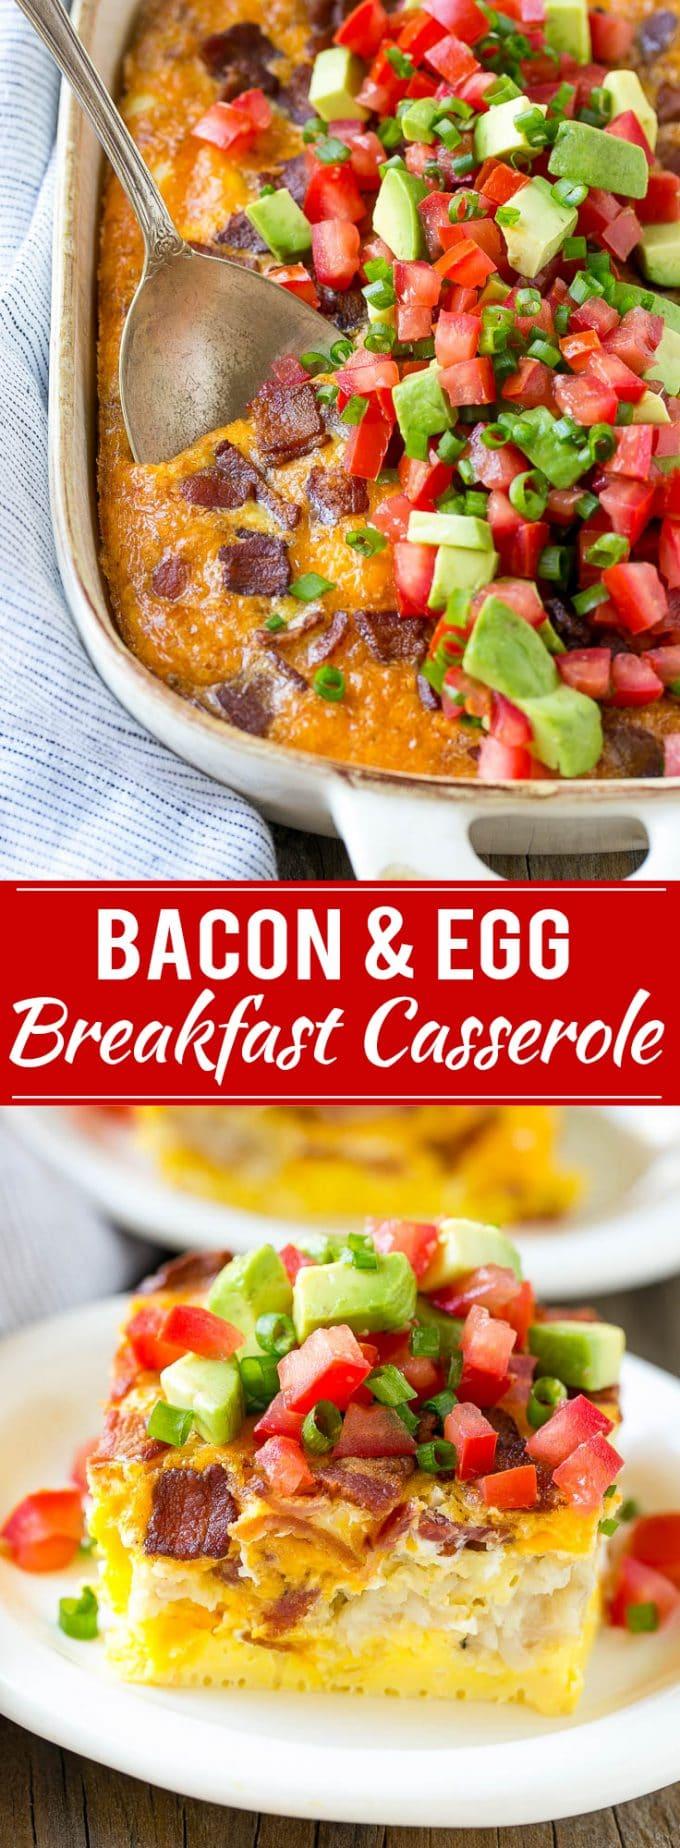 Breakfast Casserole with Bacon Recipe | Breakfast Casserole Recipe | Bacon and Egg Casserole | Egg Casserole | Easy Breakfast Recipe